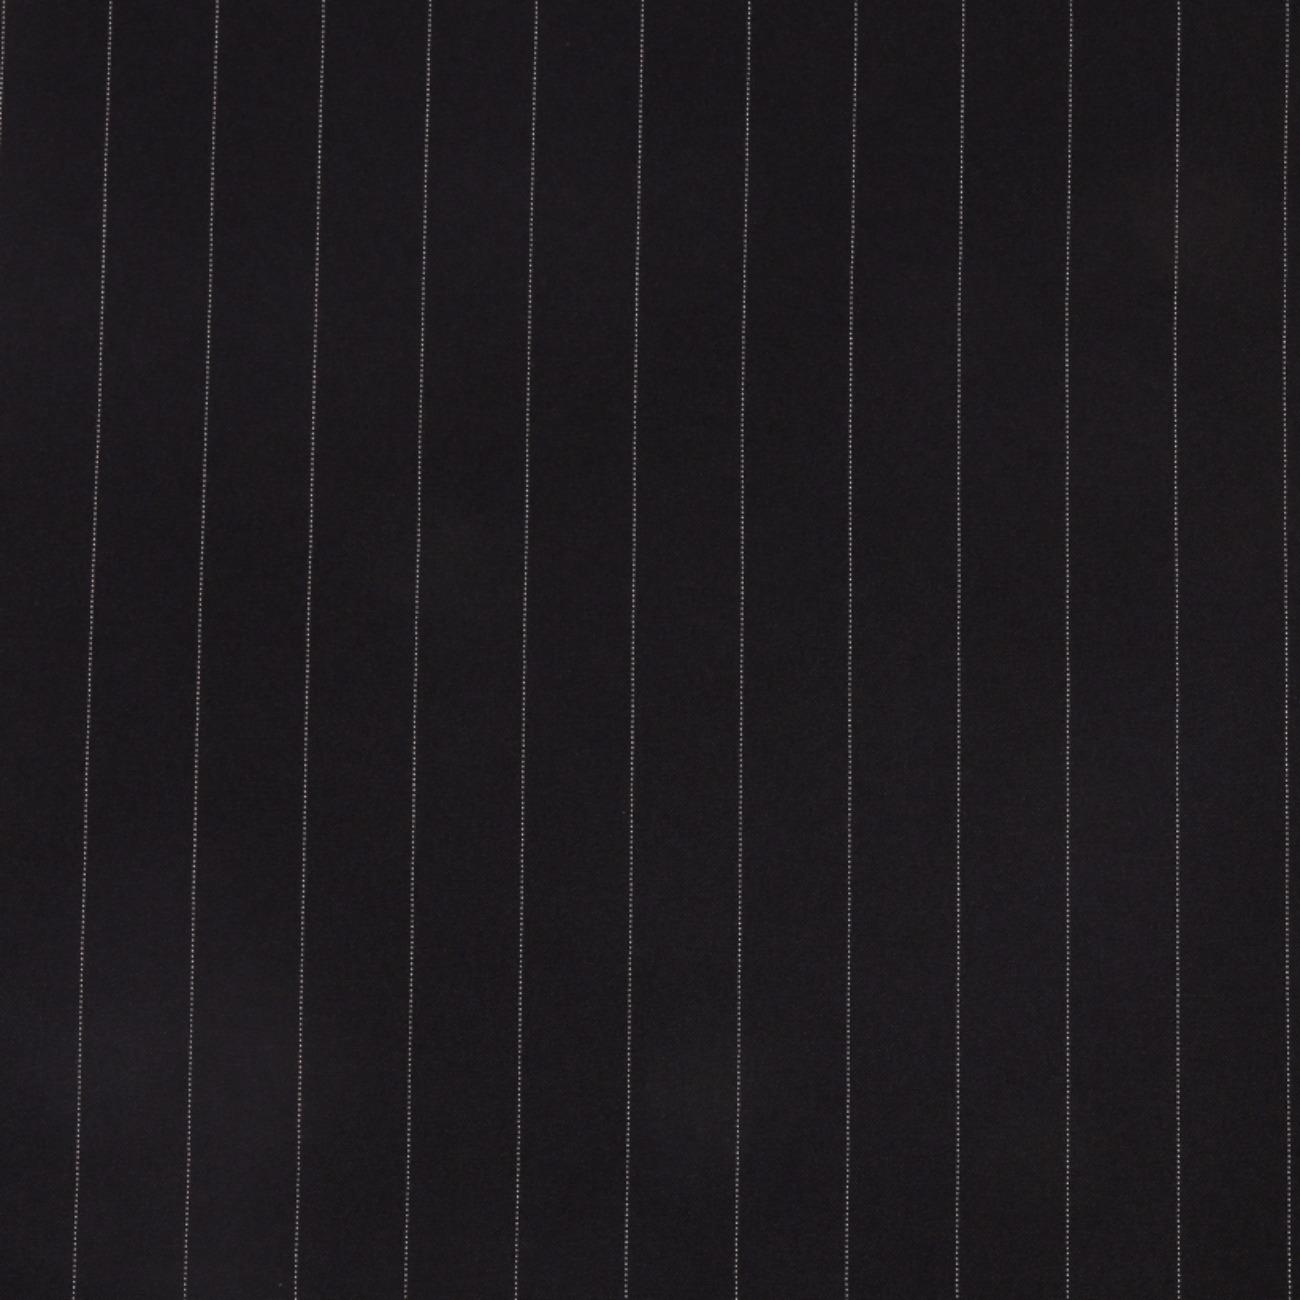 竖条斜纹梭织外套西装大衣无弹 春夏连衣裙 裤子 61219-56